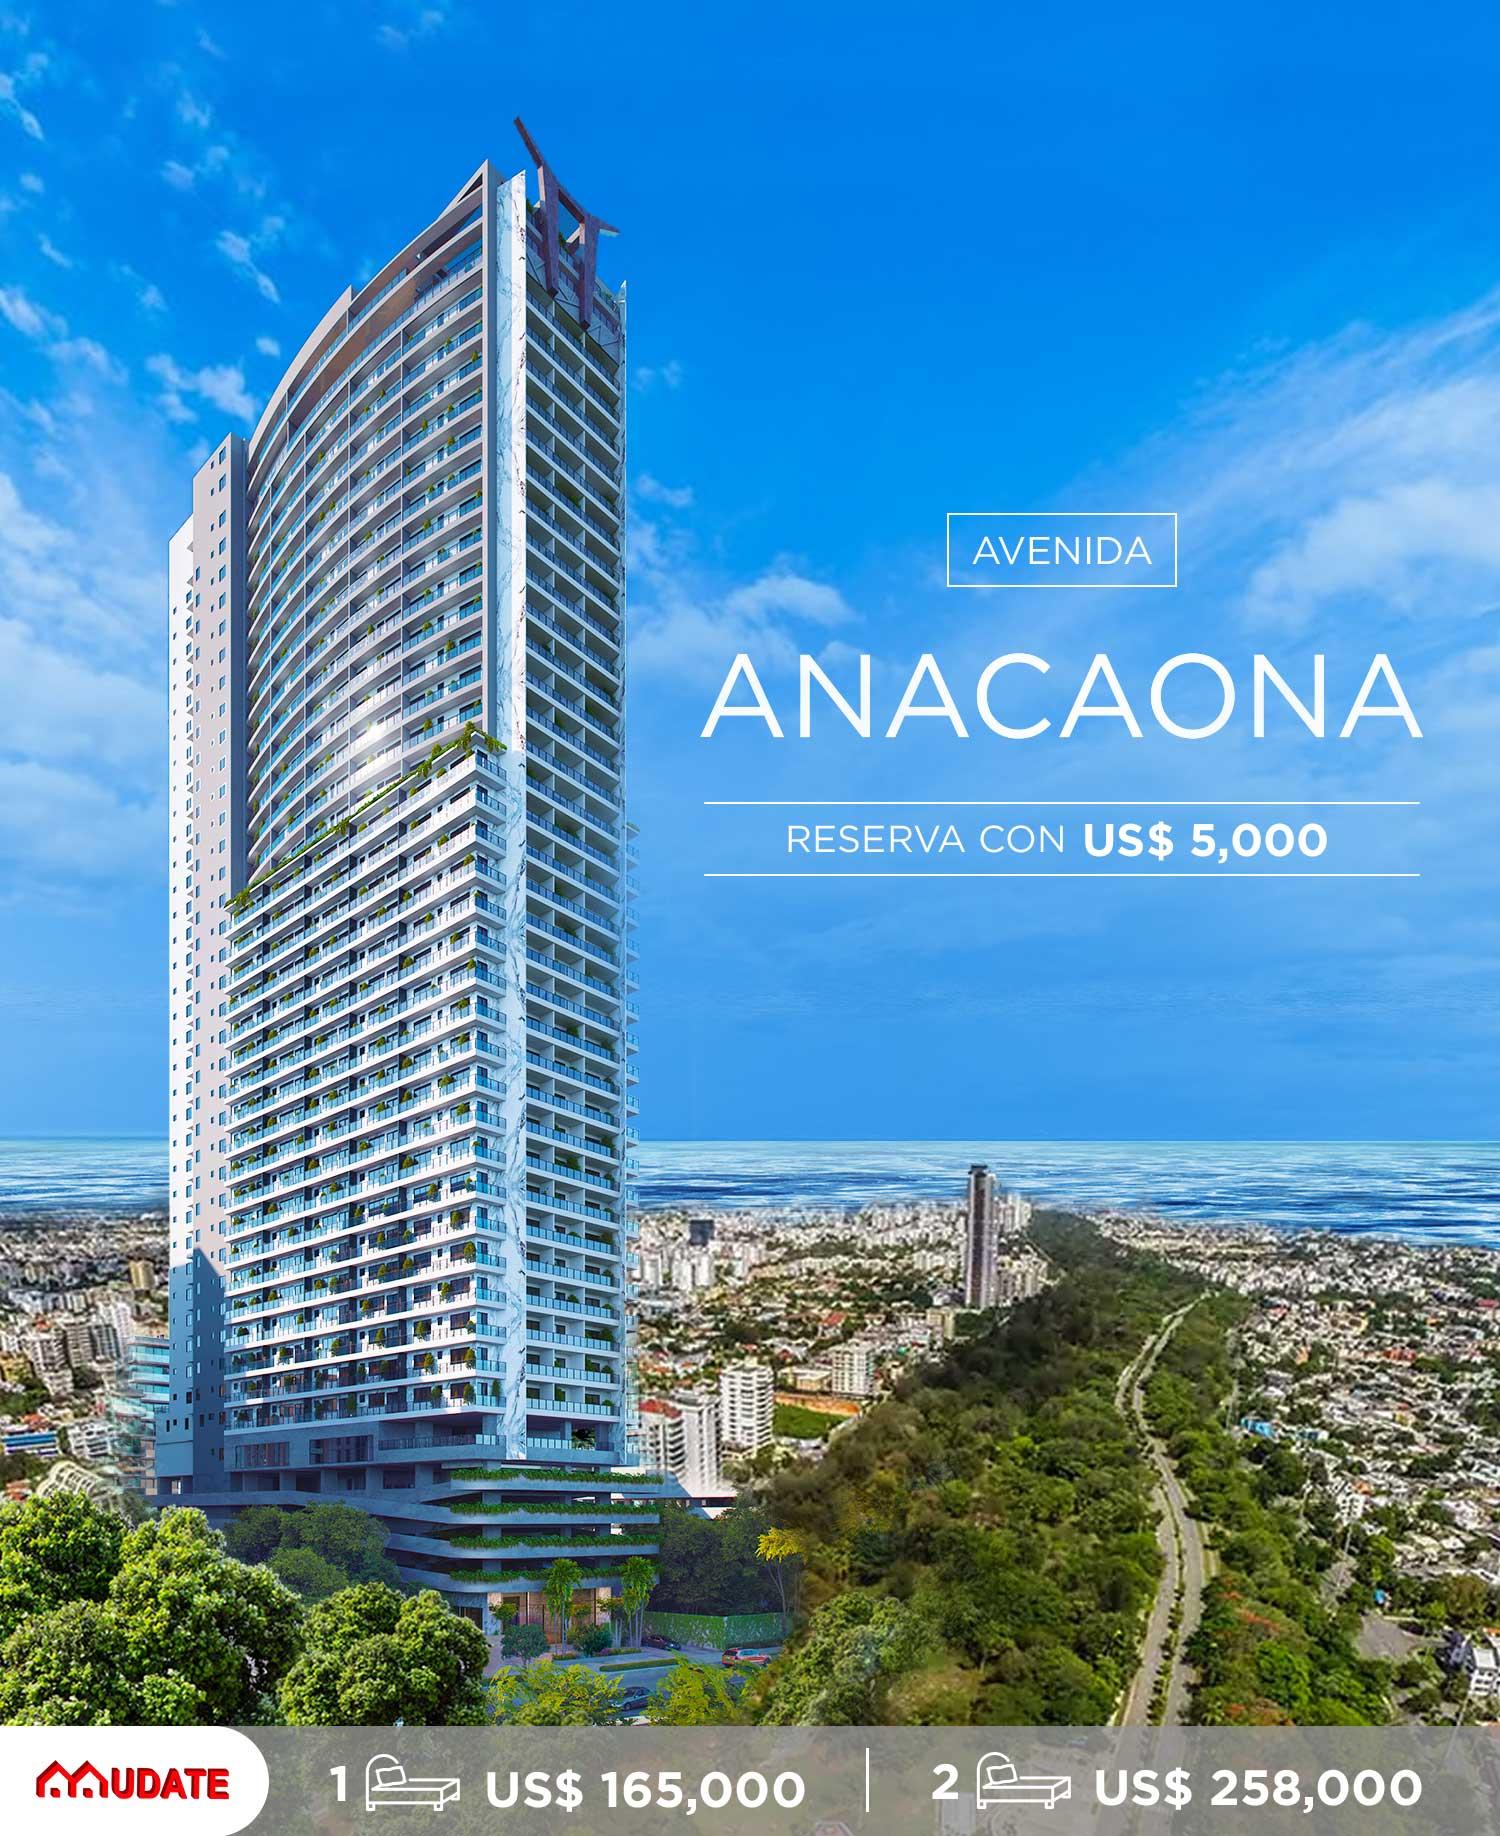 Proyecto de rascacielos en la Av. Anacaona